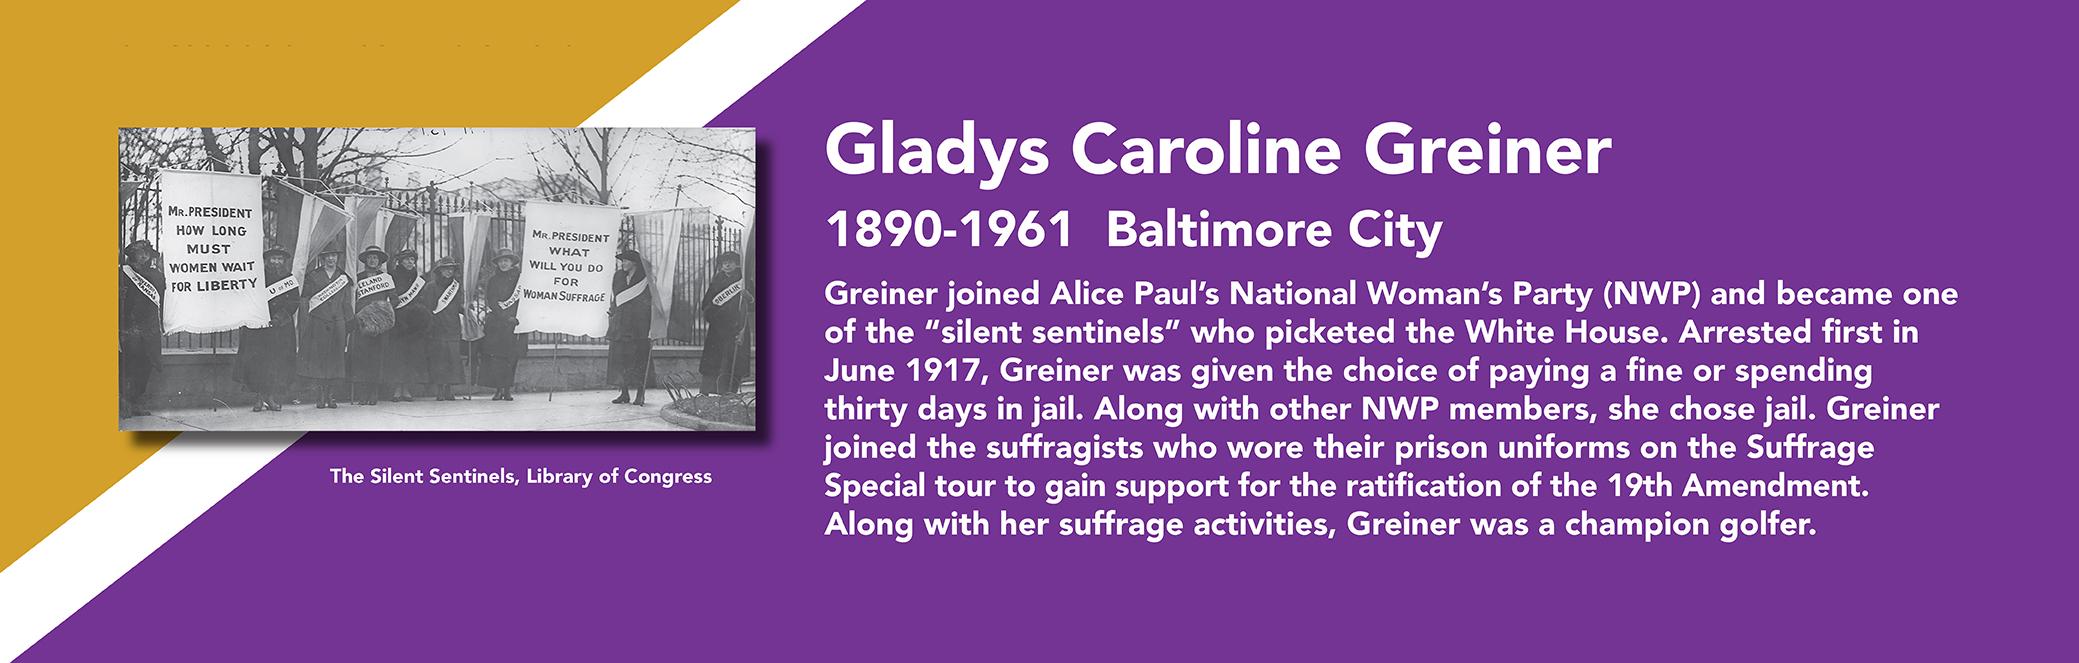 GladysCarollineGreiner